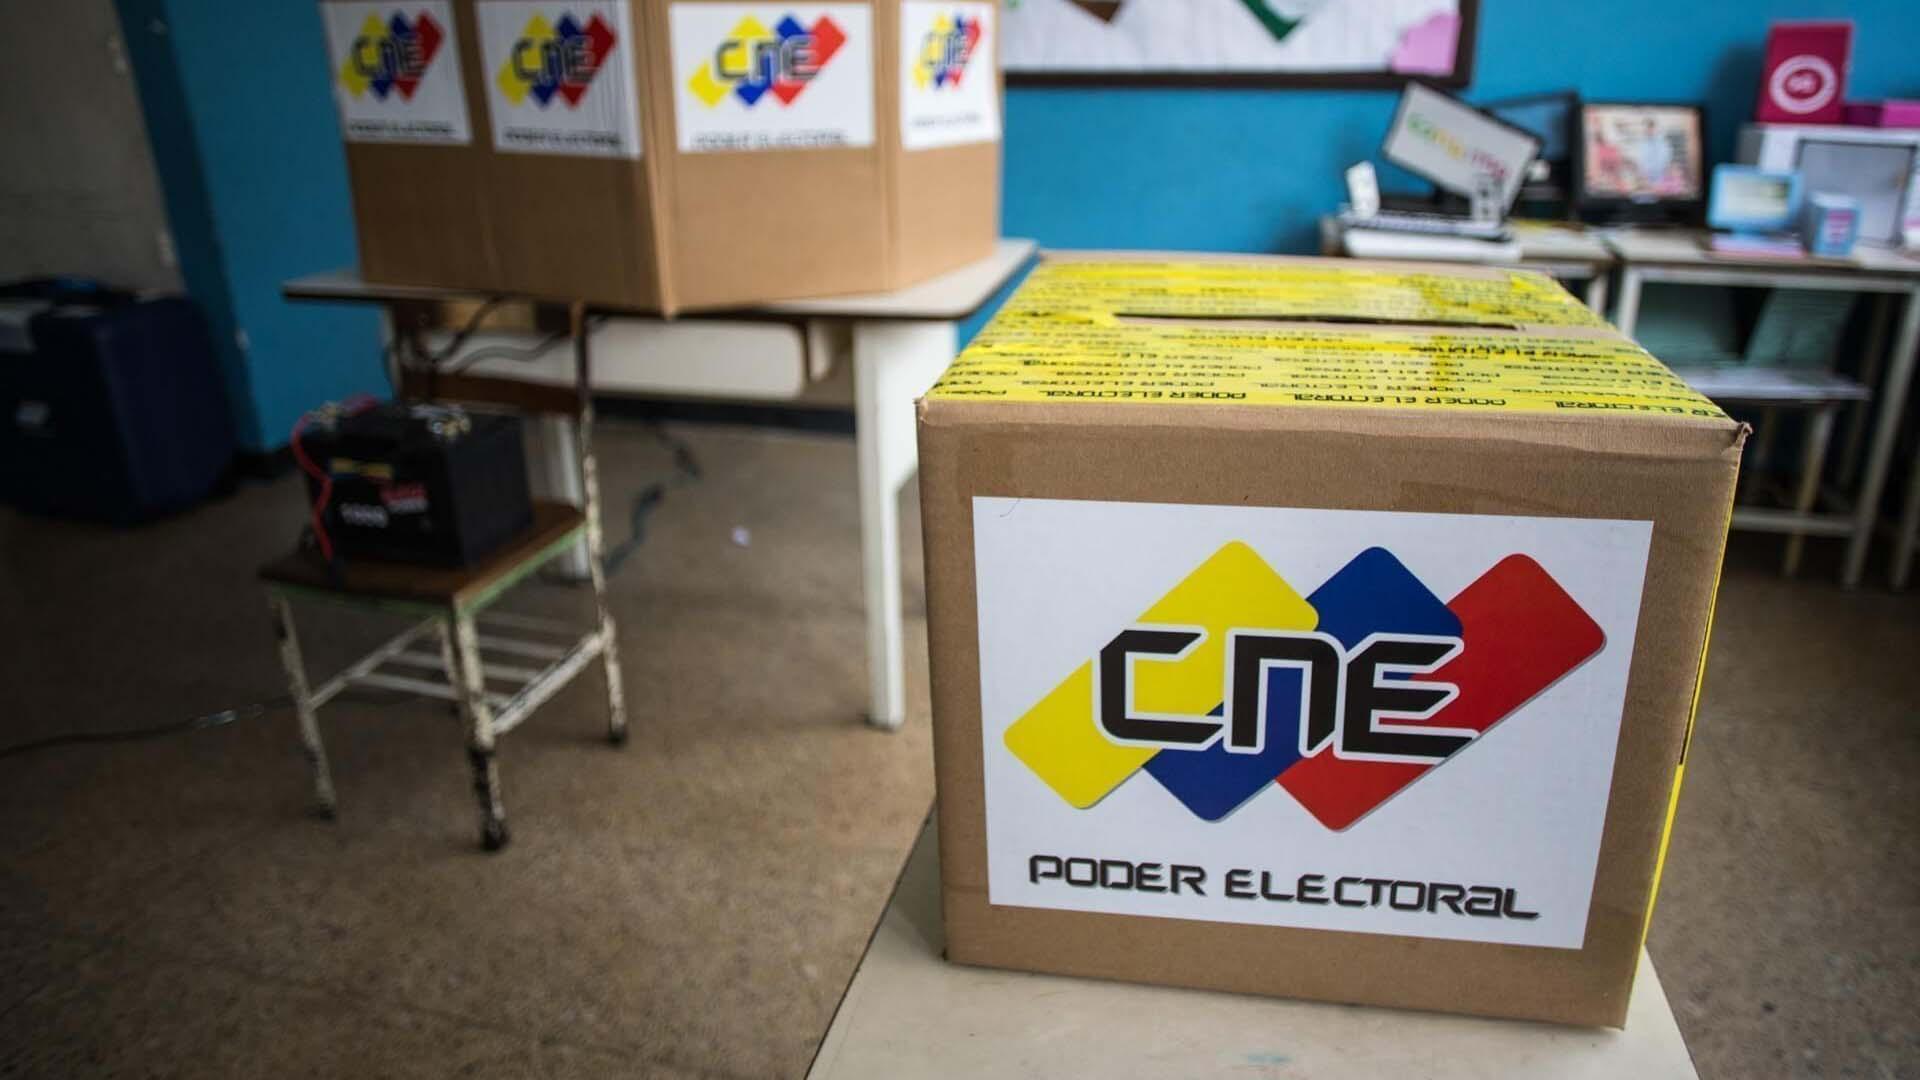 La rectora principal del CNE aseguró que el ente tomará las medidas necesarias para informar a los electores en caso de sustituciones